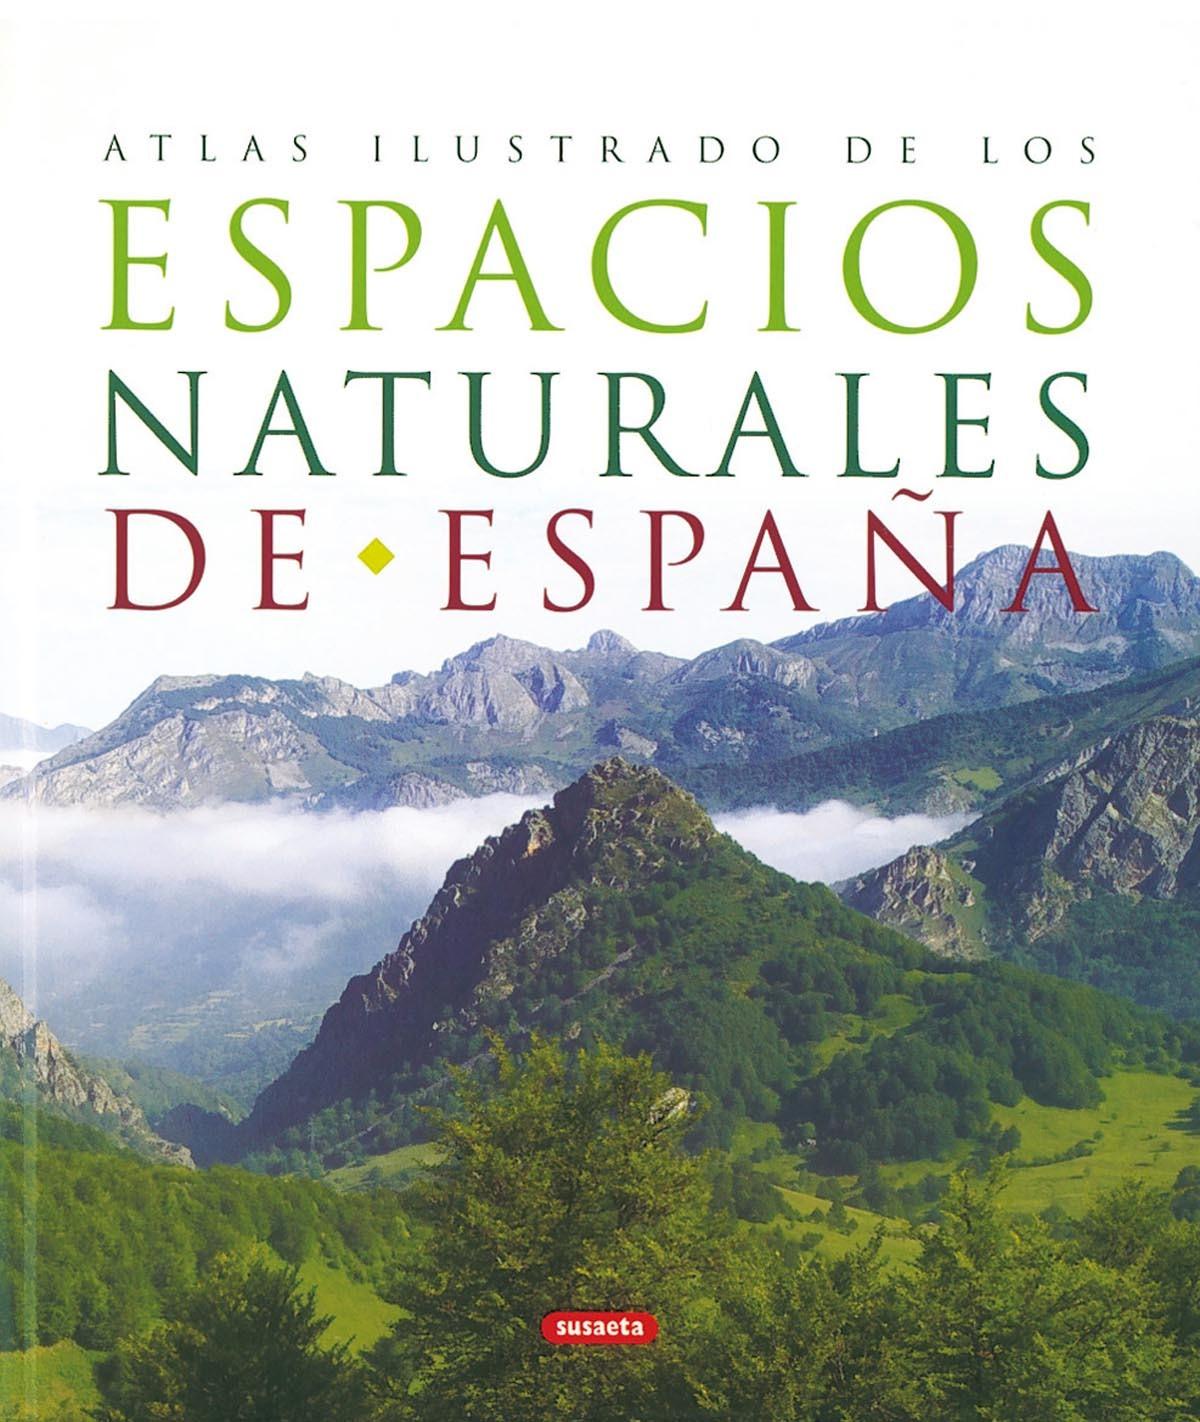 ATLAS ILUSTRADO DE LOS ESPACIOS NATURALES DE ESPAÑA